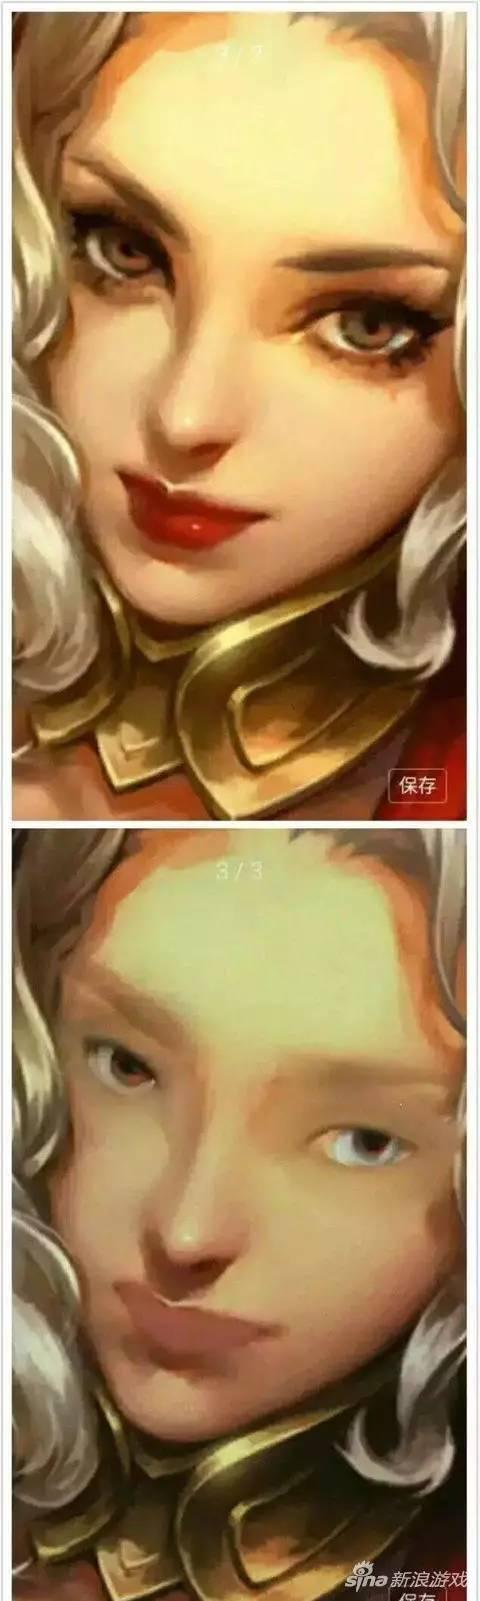 辣眼睛!如果王者荣耀的女神卸了妆,你还会爱她吗